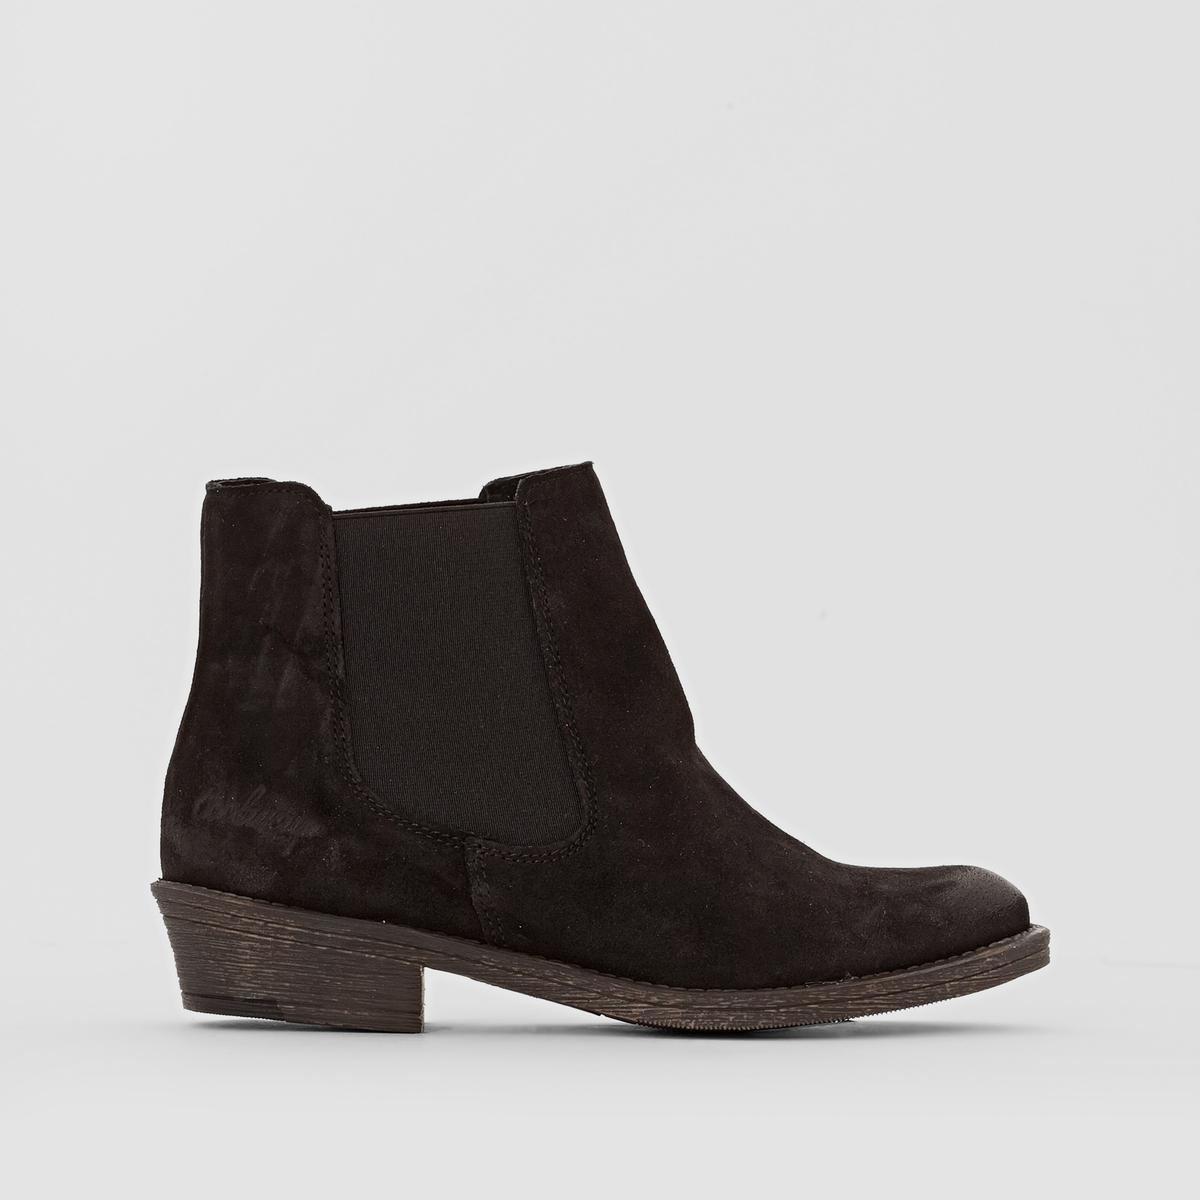 Ботильоны из кожи BRADLEYПодкладка : текстиль.        Стелька : Кожа                  Подошва : Резина             Высота каблука : 3 см     Высота голенища : 11 см.     Форма каблука : Широкий       Носок : Закругленный.     Застежка : Без застежки<br><br>Цвет: черный<br>Размер: 37.39